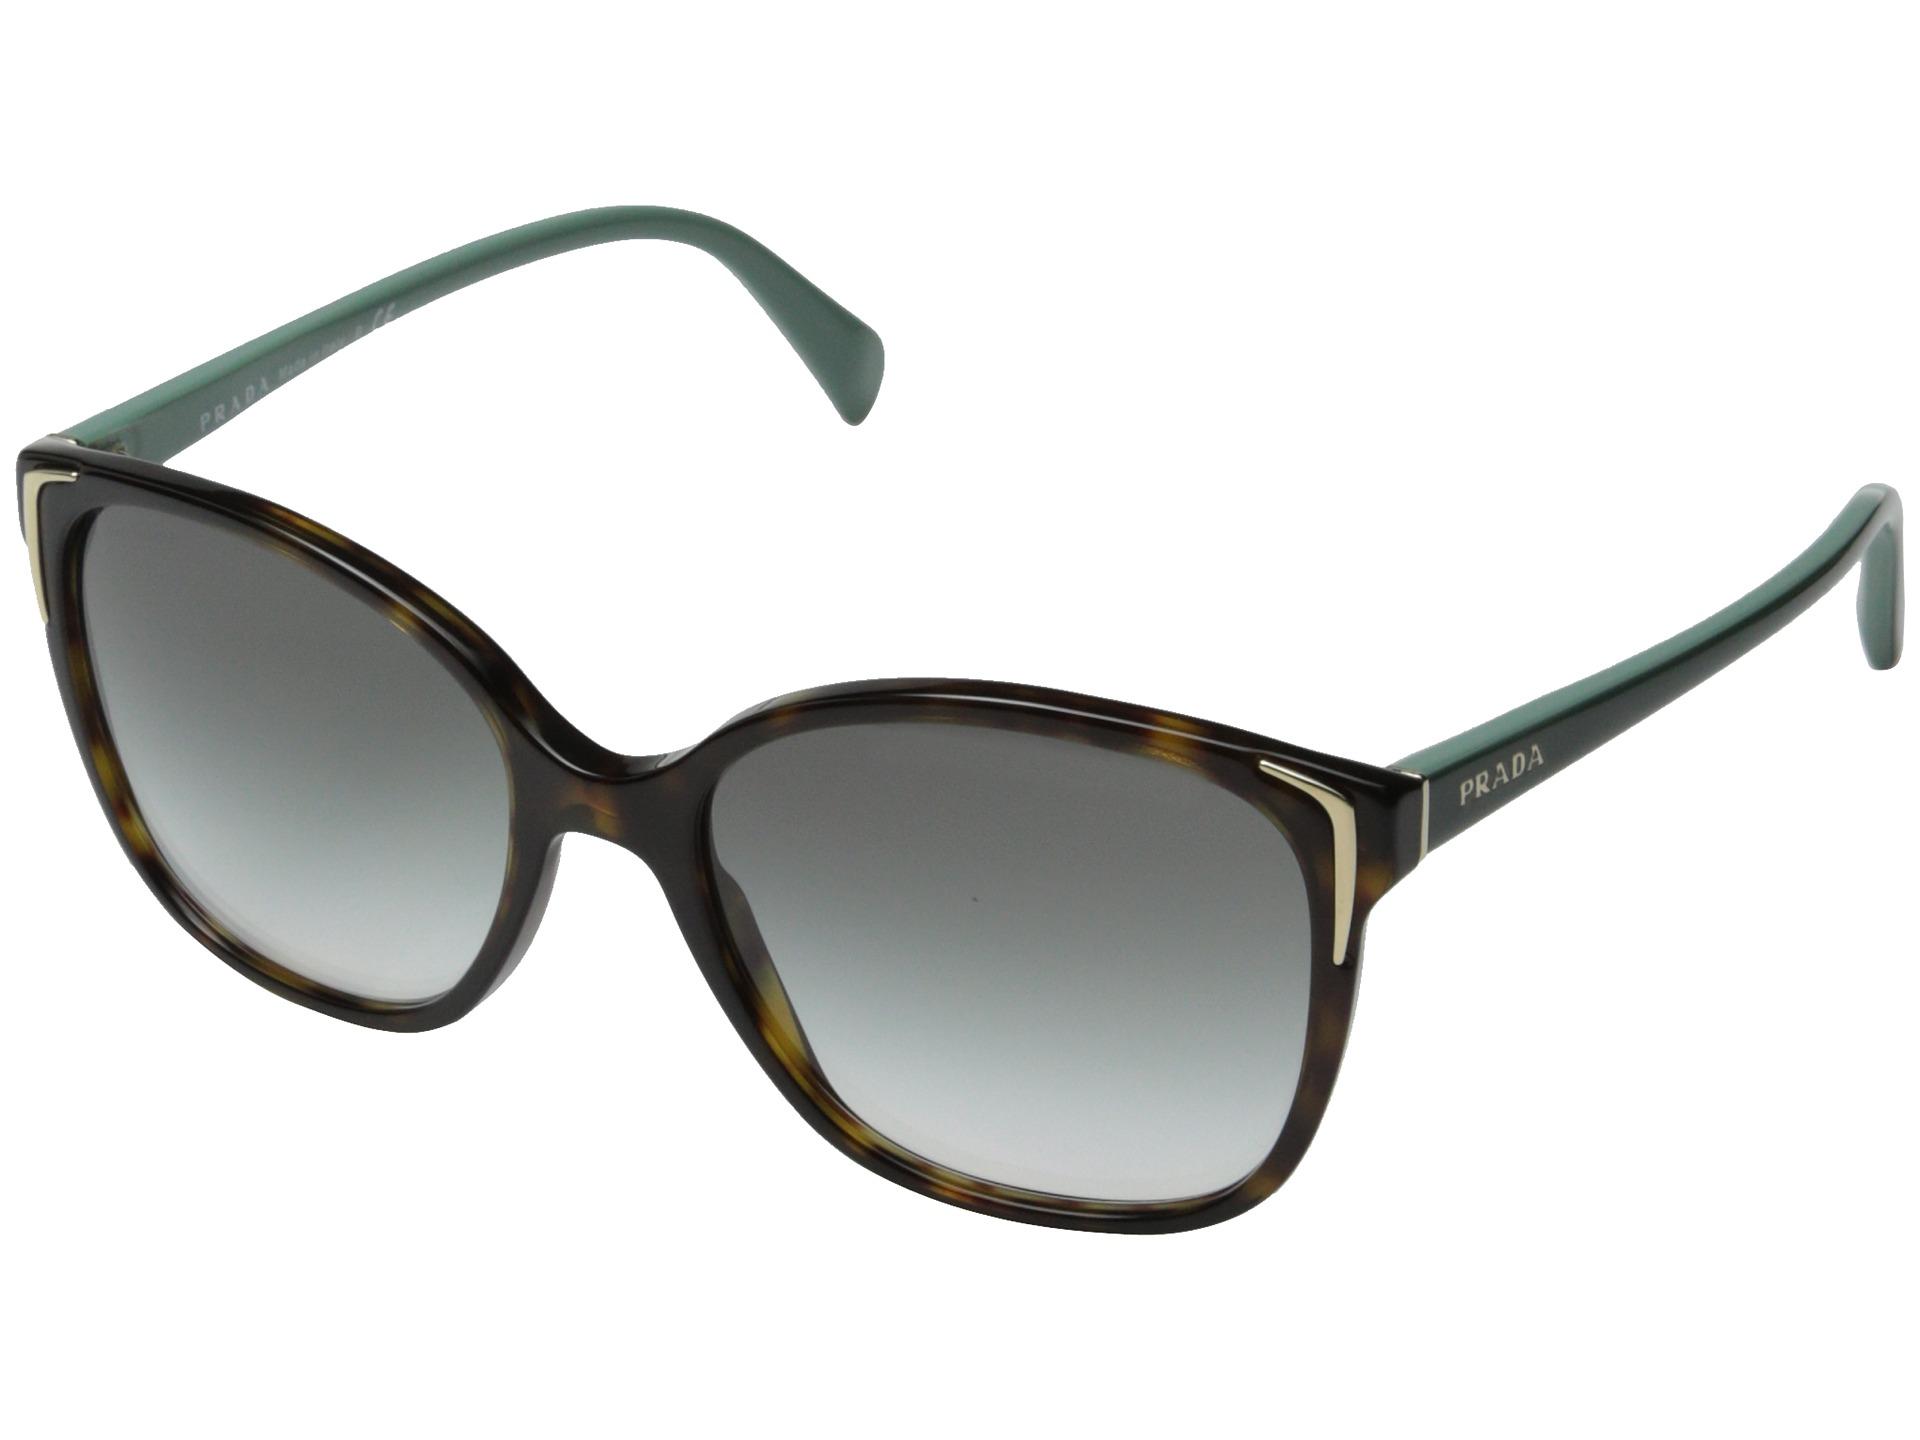 9c9b917d57 Prada Sunglasses Pr 01os Polarized